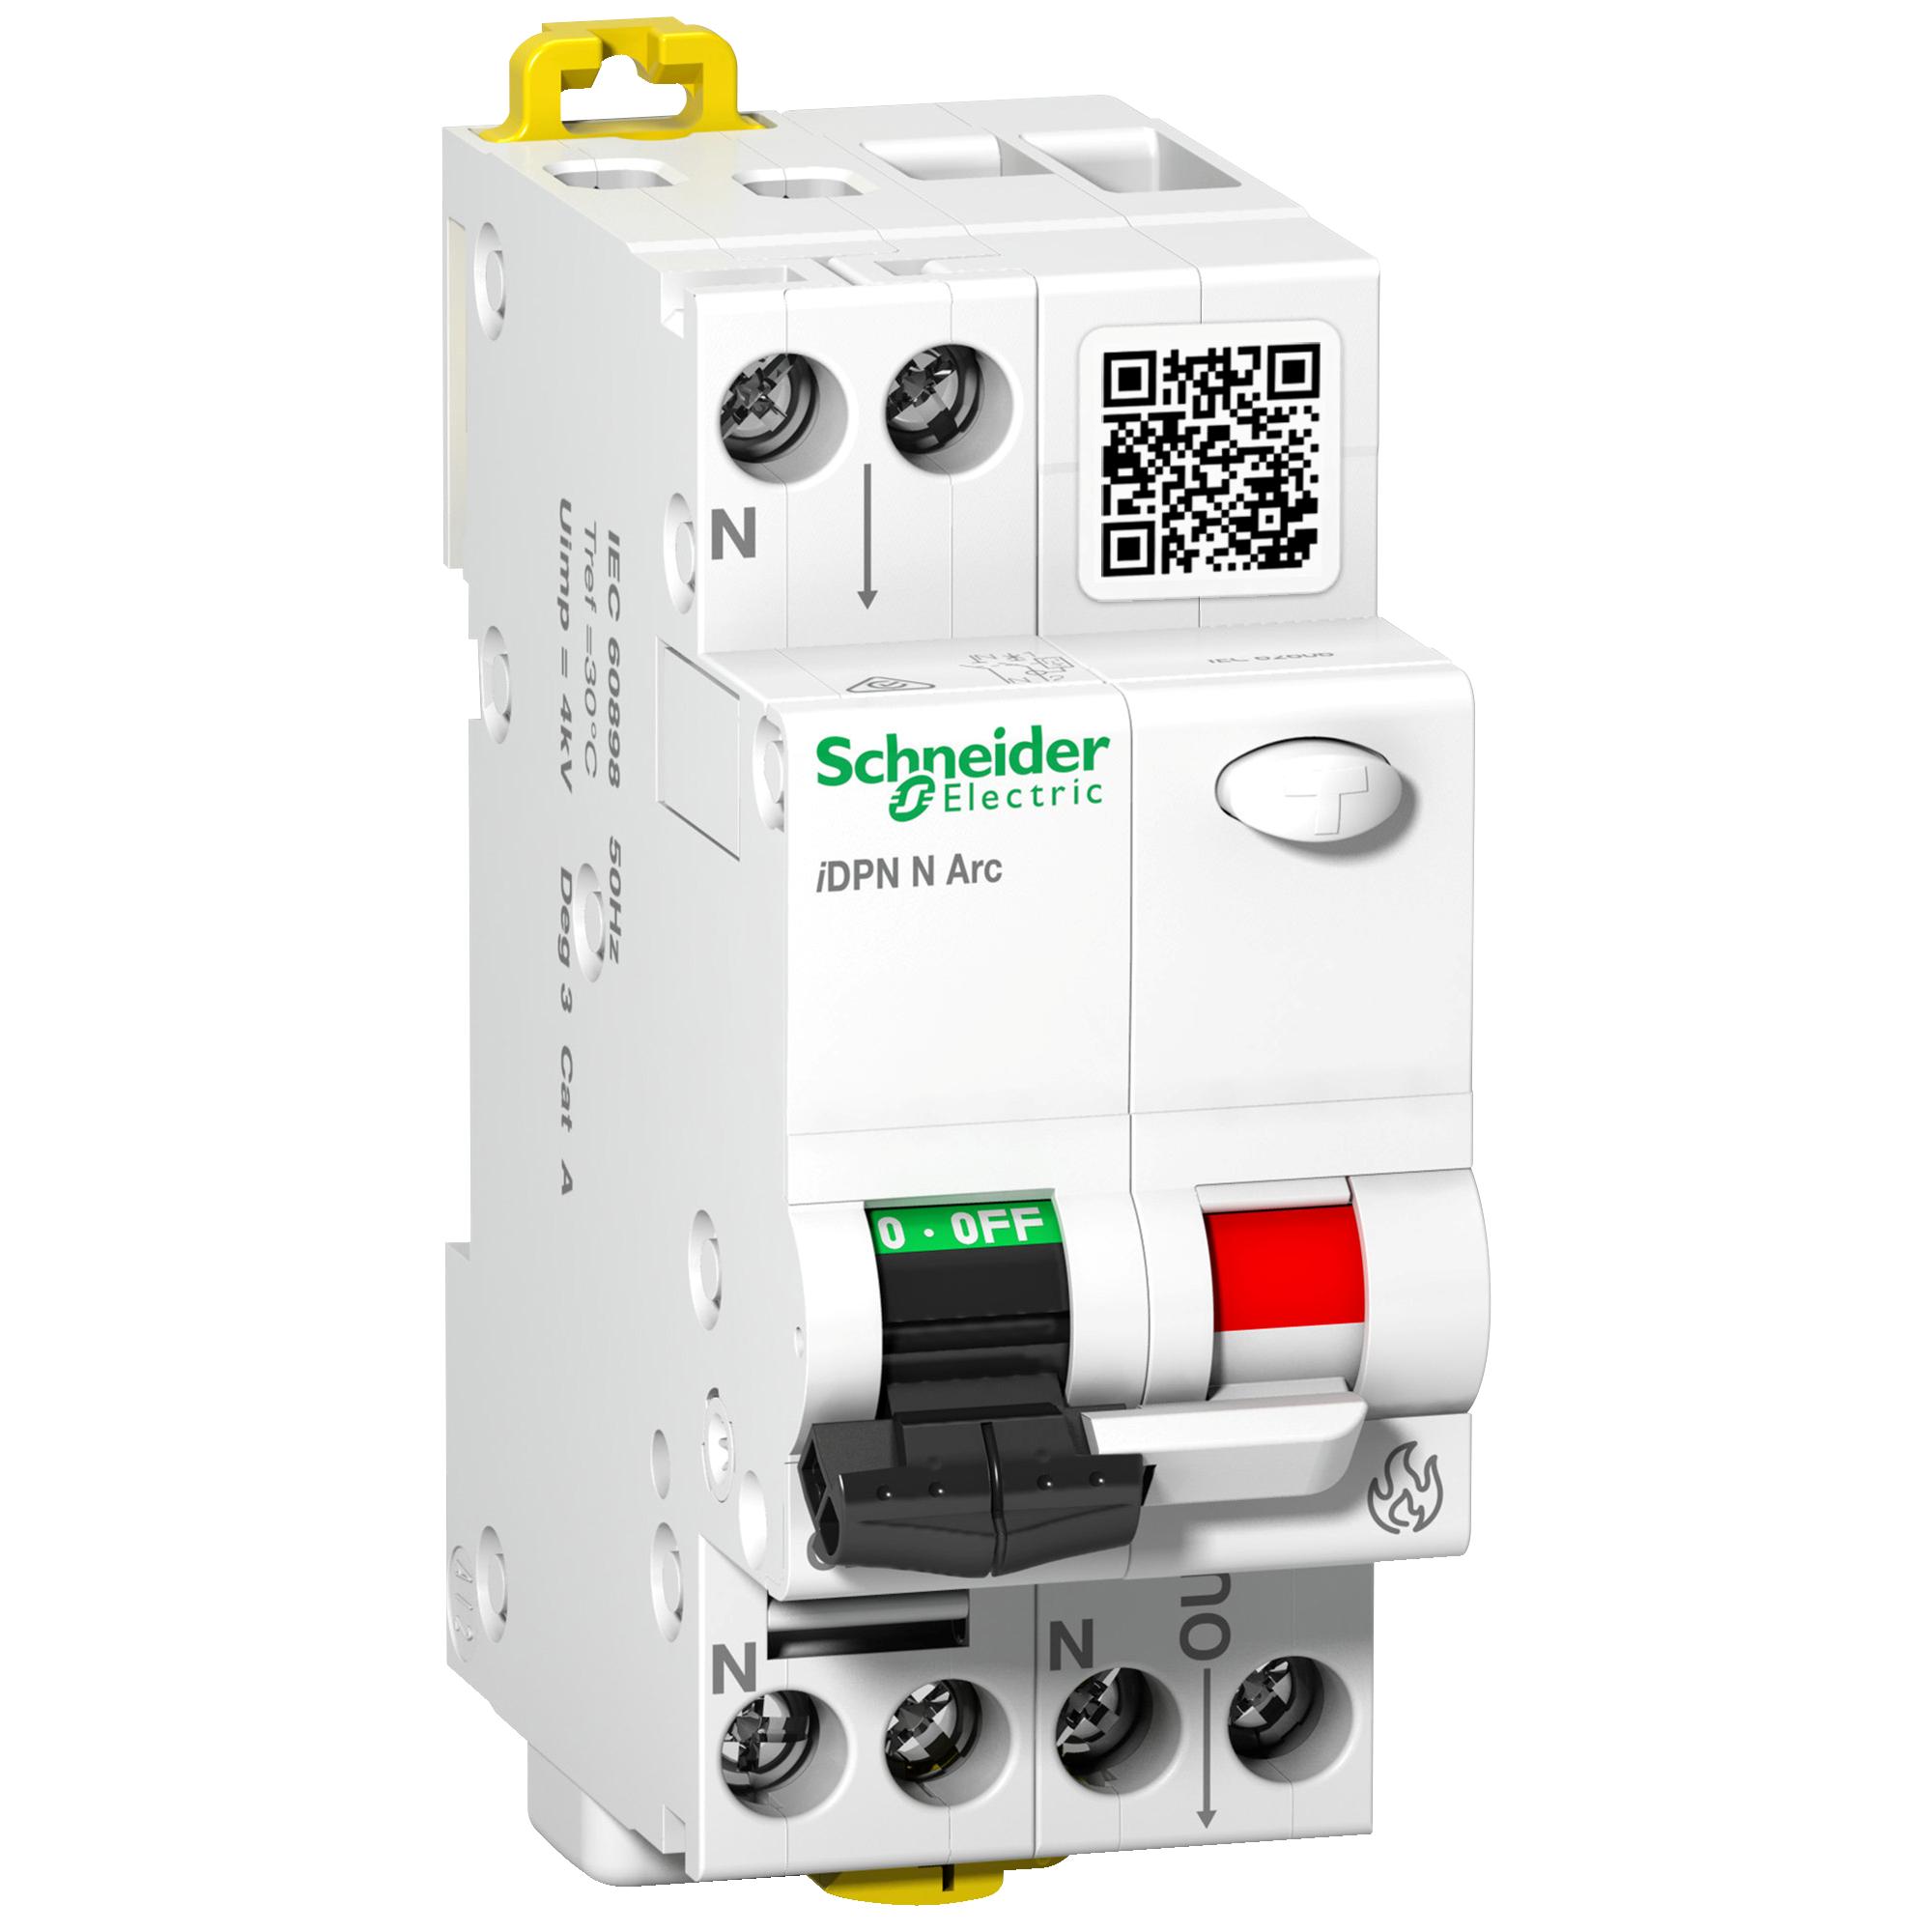 Schneider Electric Brandschutzschalter (AFDD) + LS, iDPN N Arc, 1P+N, 16A, B-Charakteristik A9FDB7616